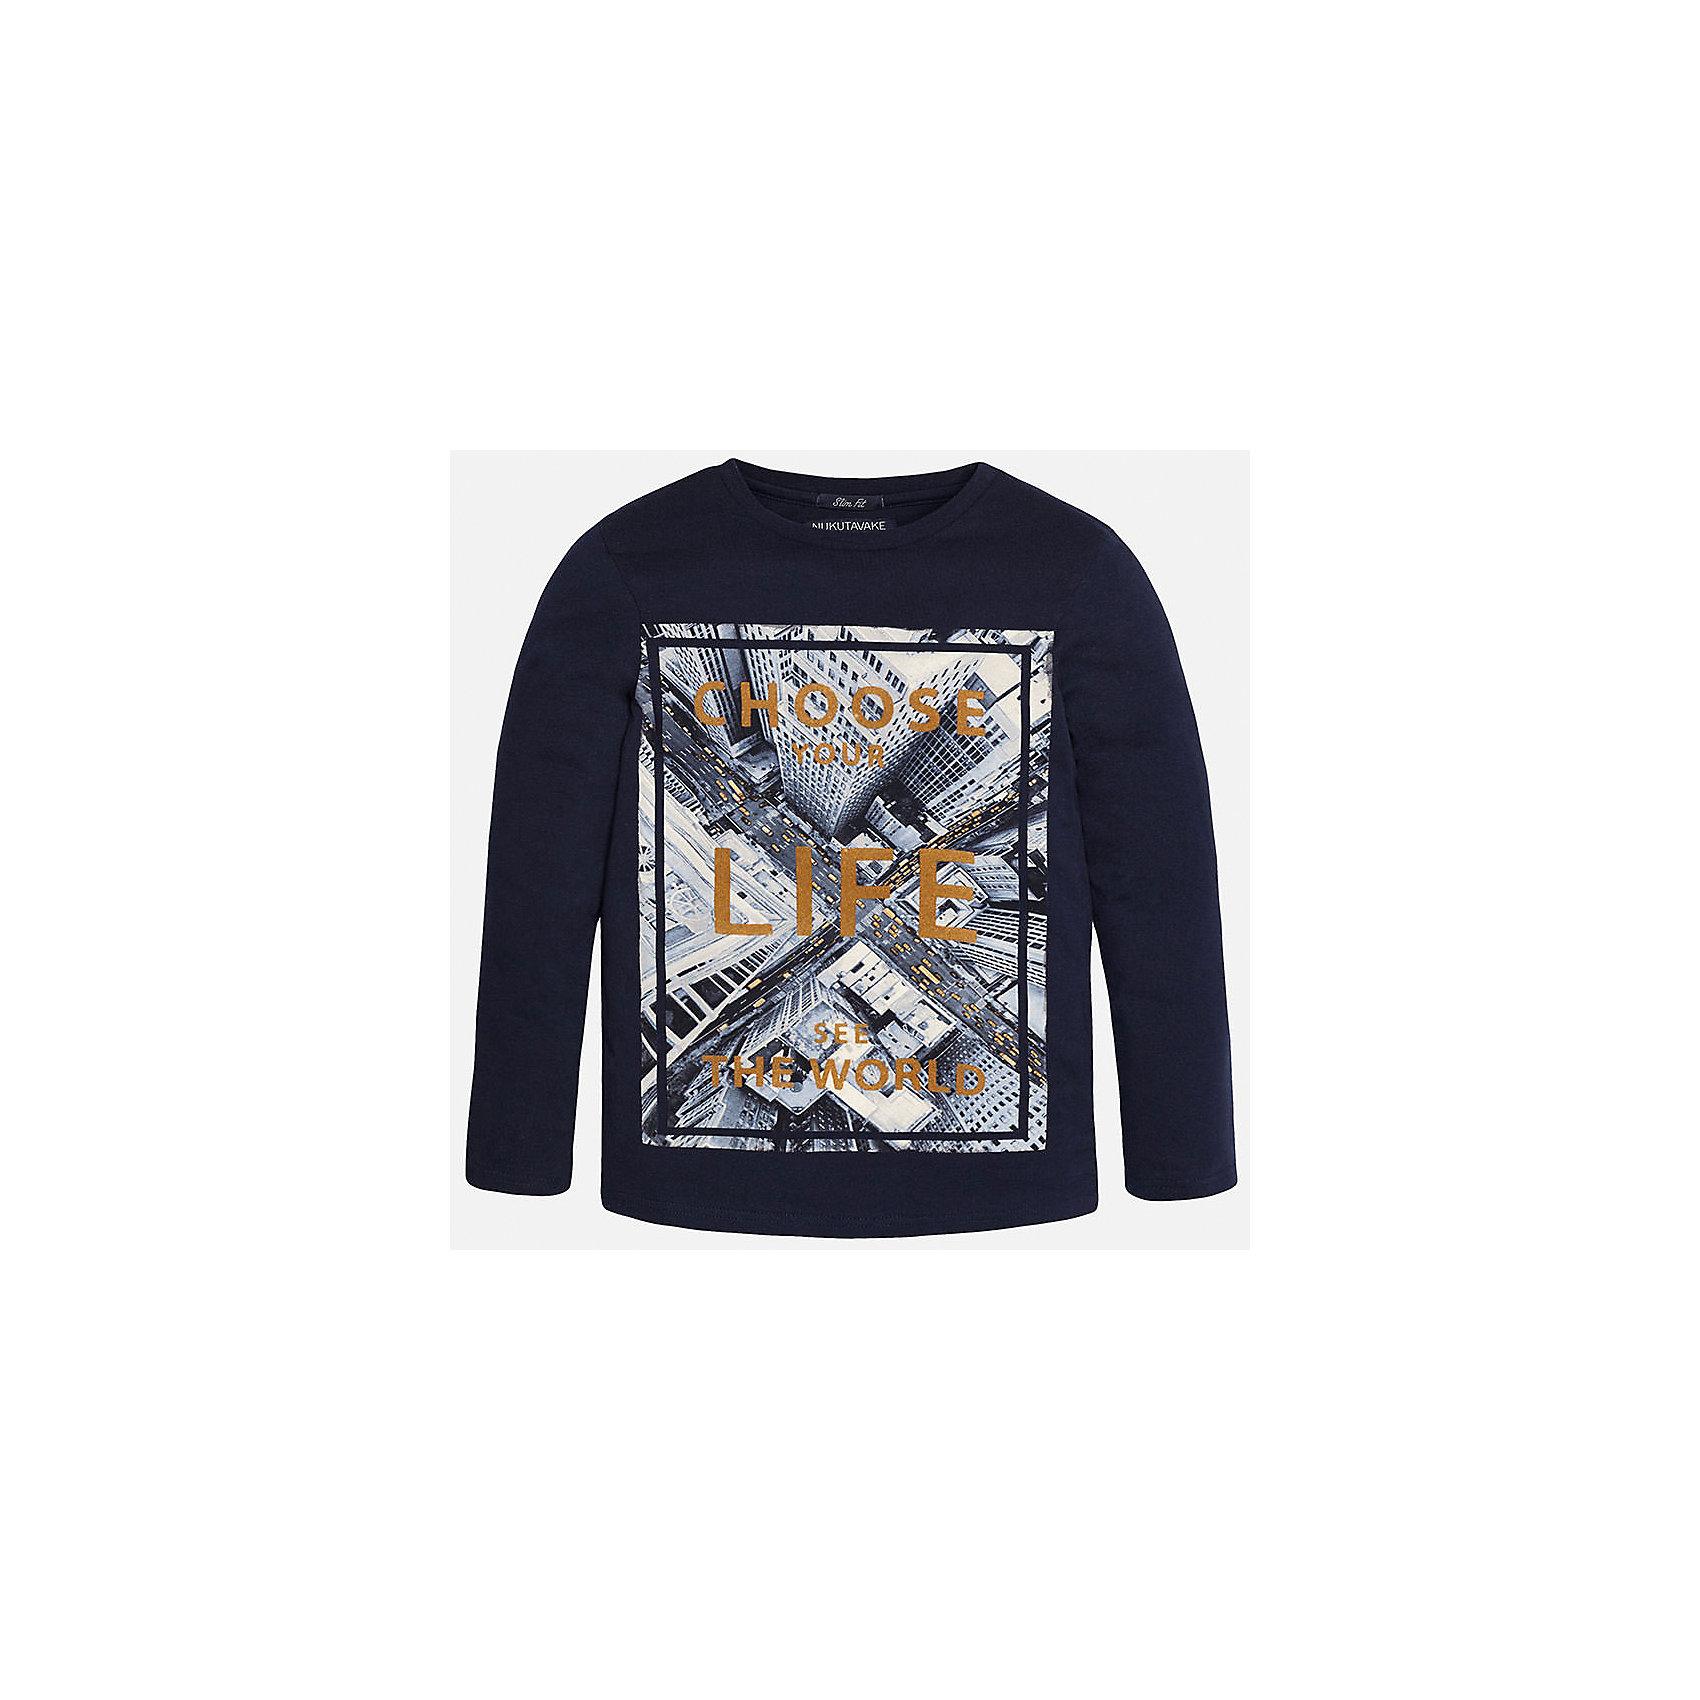 Футболка с длинным рукавом  для мальчика MayoralХлопковая футболка с длинными рукавами - это  базовая вещь в любом гардеробе. Благодаря длинным рукавам и легкому составу ткани, ее можно носить в любое время года, а яркий орнамент, подчеркнет индивидуальный стиль Вашего ребенка!<br><br>Дополнительная информация:<br><br>- Крой: прямой крой.<br>- Страна бренда: Испания.<br>- Состав: хлопок 100%.<br>- Цвет: темно-синий.<br>- Уход: бережная стирка при 30 градусах.<br><br>Купить футболку с длинным рукавом для мальчика, от  Mayoral, можно в нашем магазине.<br><br>Ширина мм: 230<br>Глубина мм: 40<br>Высота мм: 220<br>Вес г: 250<br>Цвет: синий<br>Возраст от месяцев: 96<br>Возраст до месяцев: 108<br>Пол: Мужской<br>Возраст: Детский<br>Размер: 164/170,158/164,158/164,146/152,128/134,140/146<br>SKU: 4826715